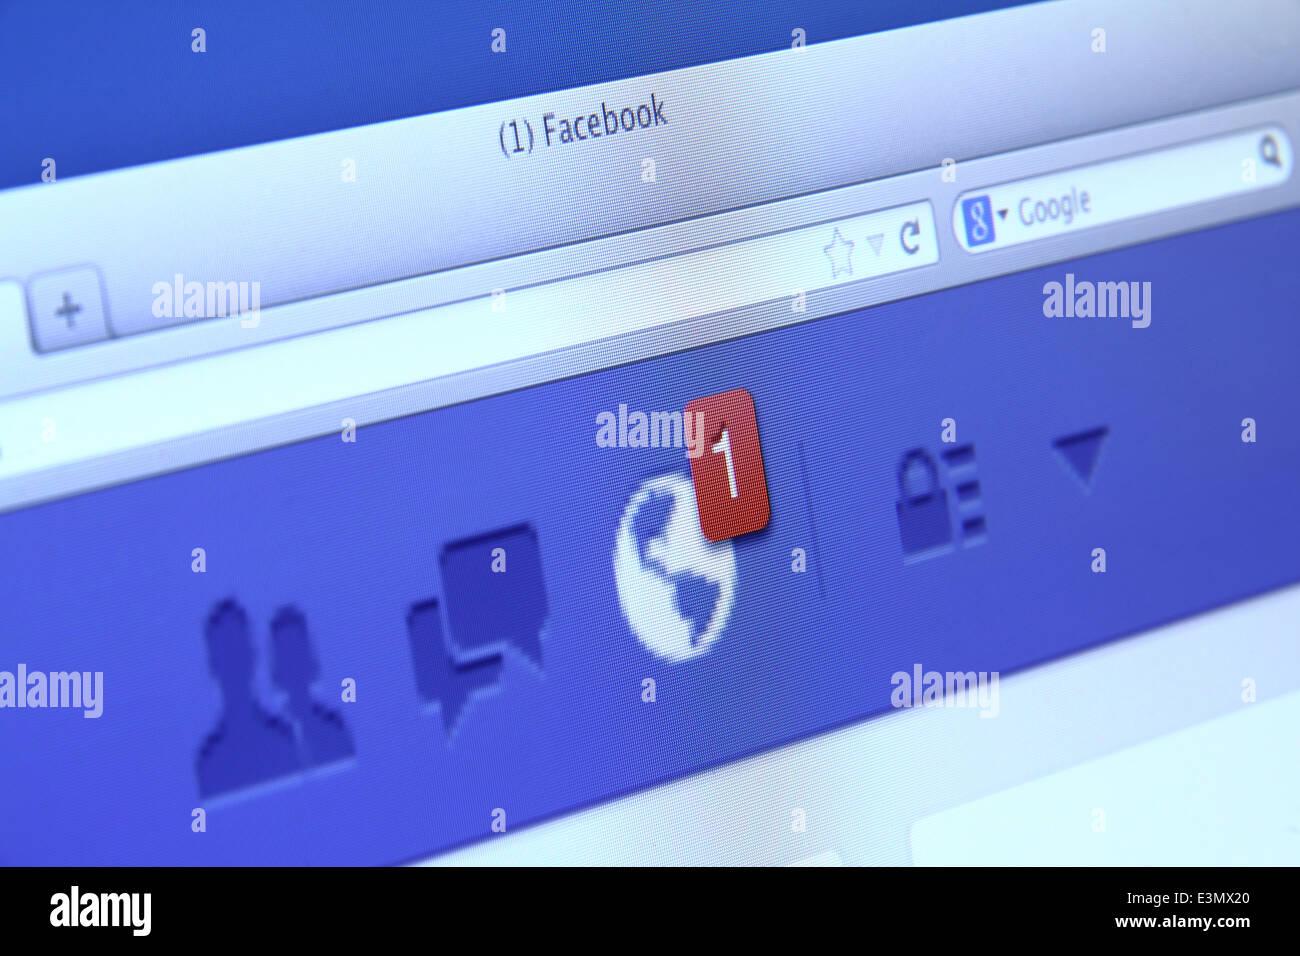 Notificaciones de Facebook en la pantalla de ordenador. Facebook es la red social más grande del mundo Imagen De Stock